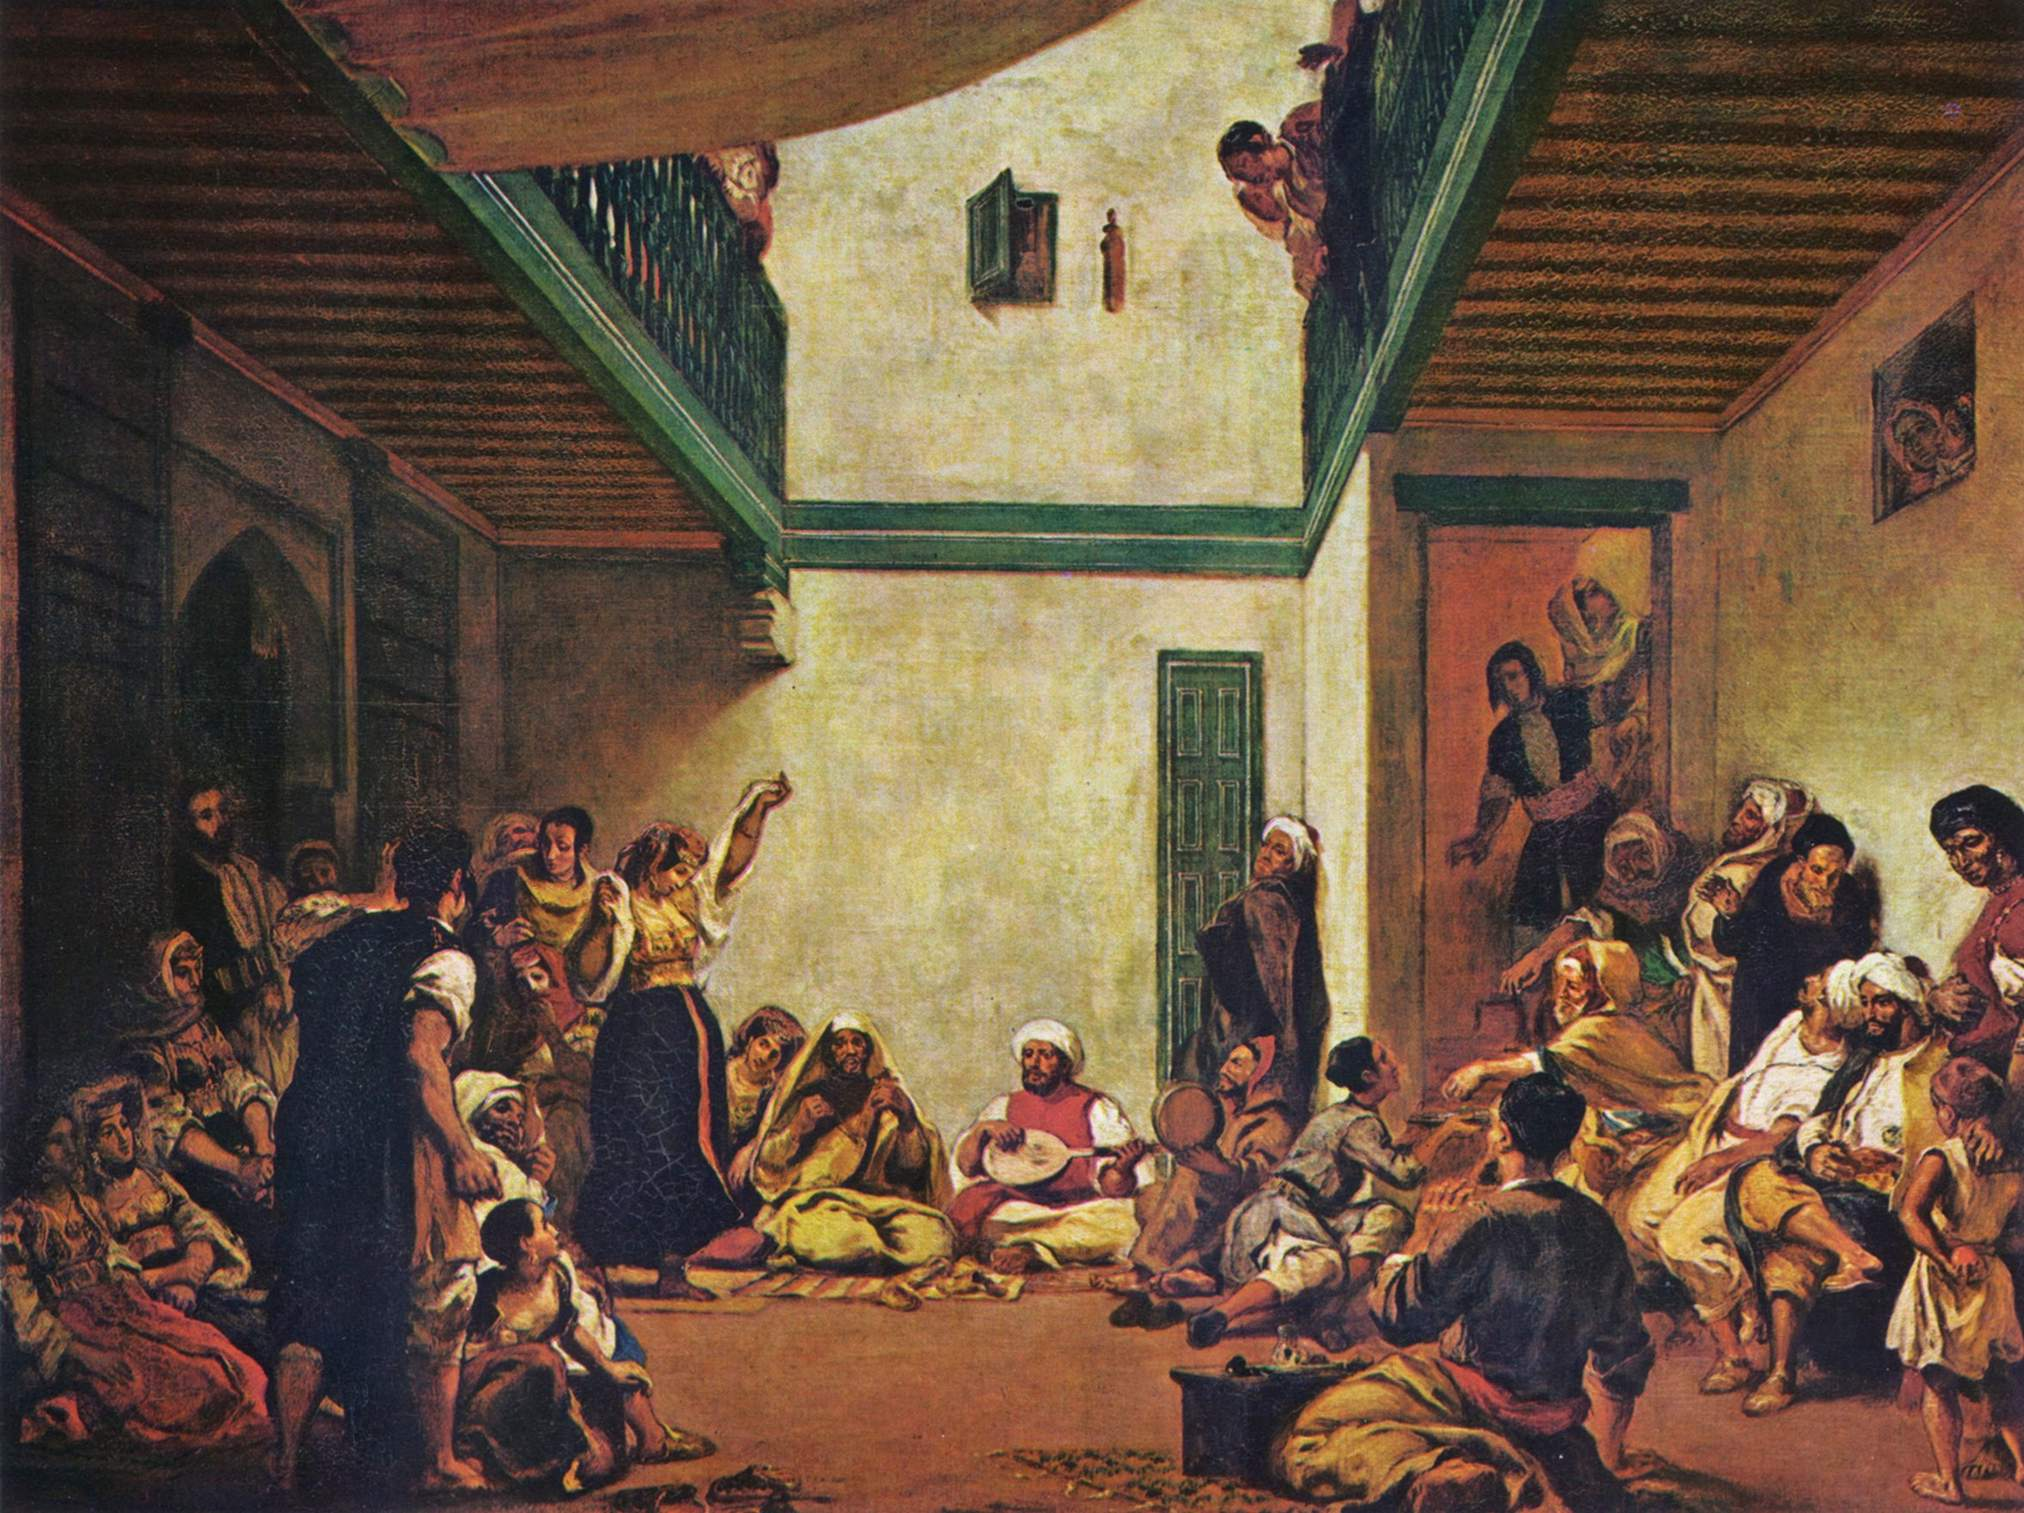 Еврейская свадьба в Марокко, Делакруа Эжен Фердинанд Виктор